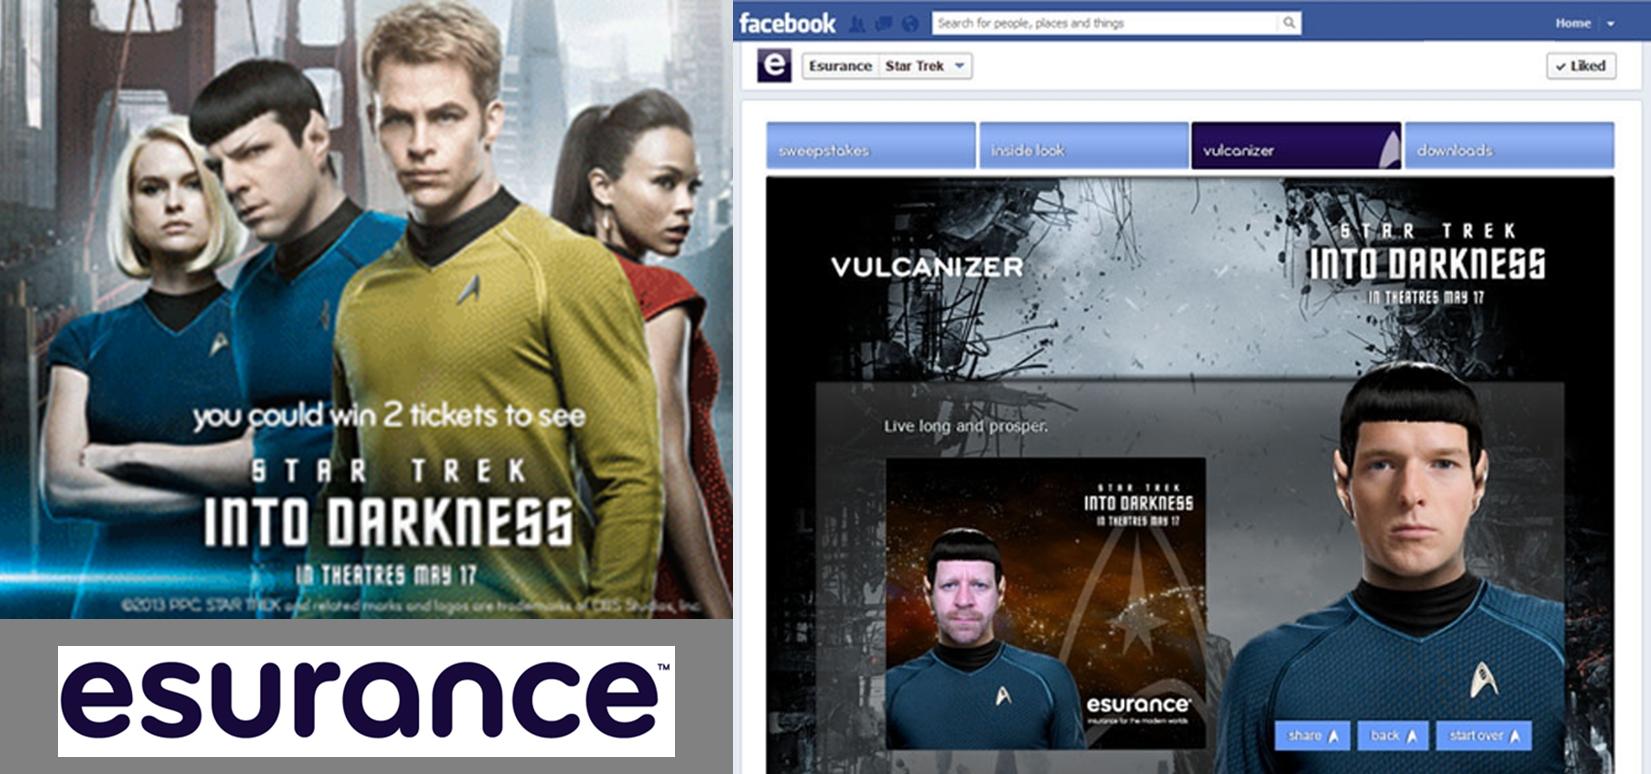 Esurance Promotes Star Trek Into Darkness- Logo